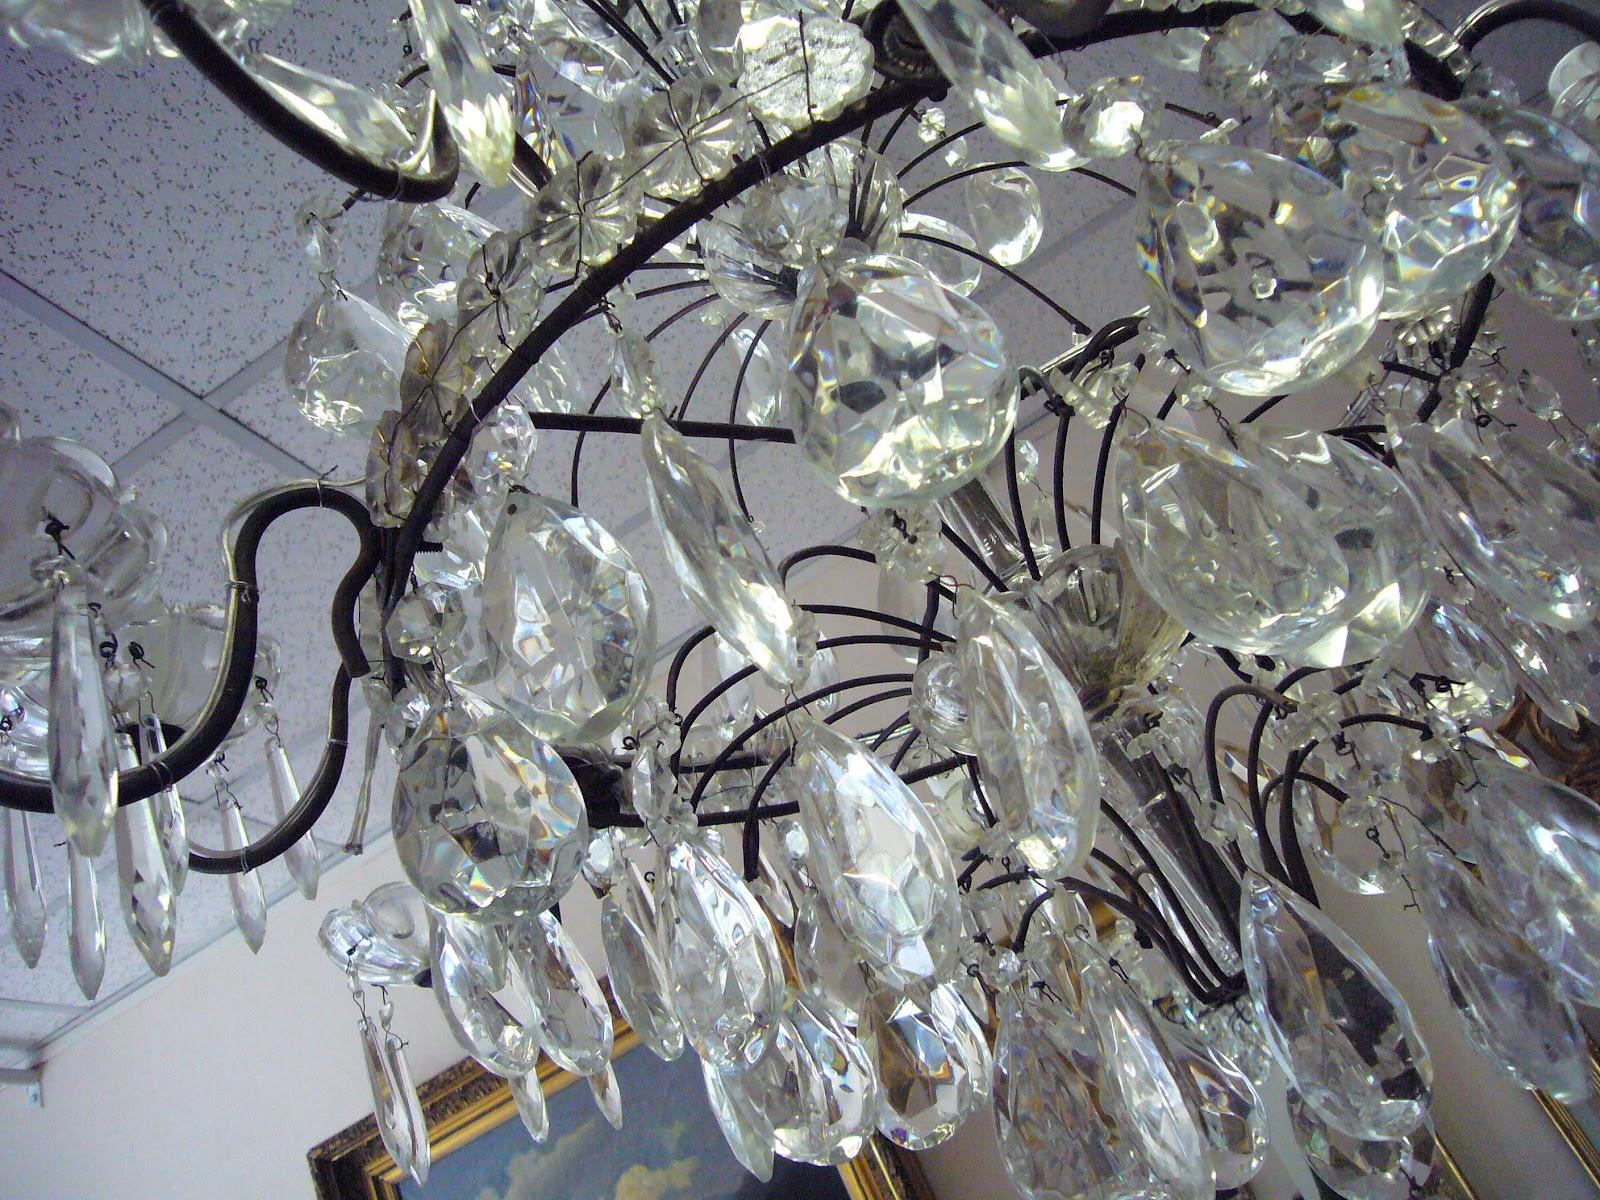 lampadari rimini : Tantissimi cristalli e gocce di luce in tantissime dimensioni